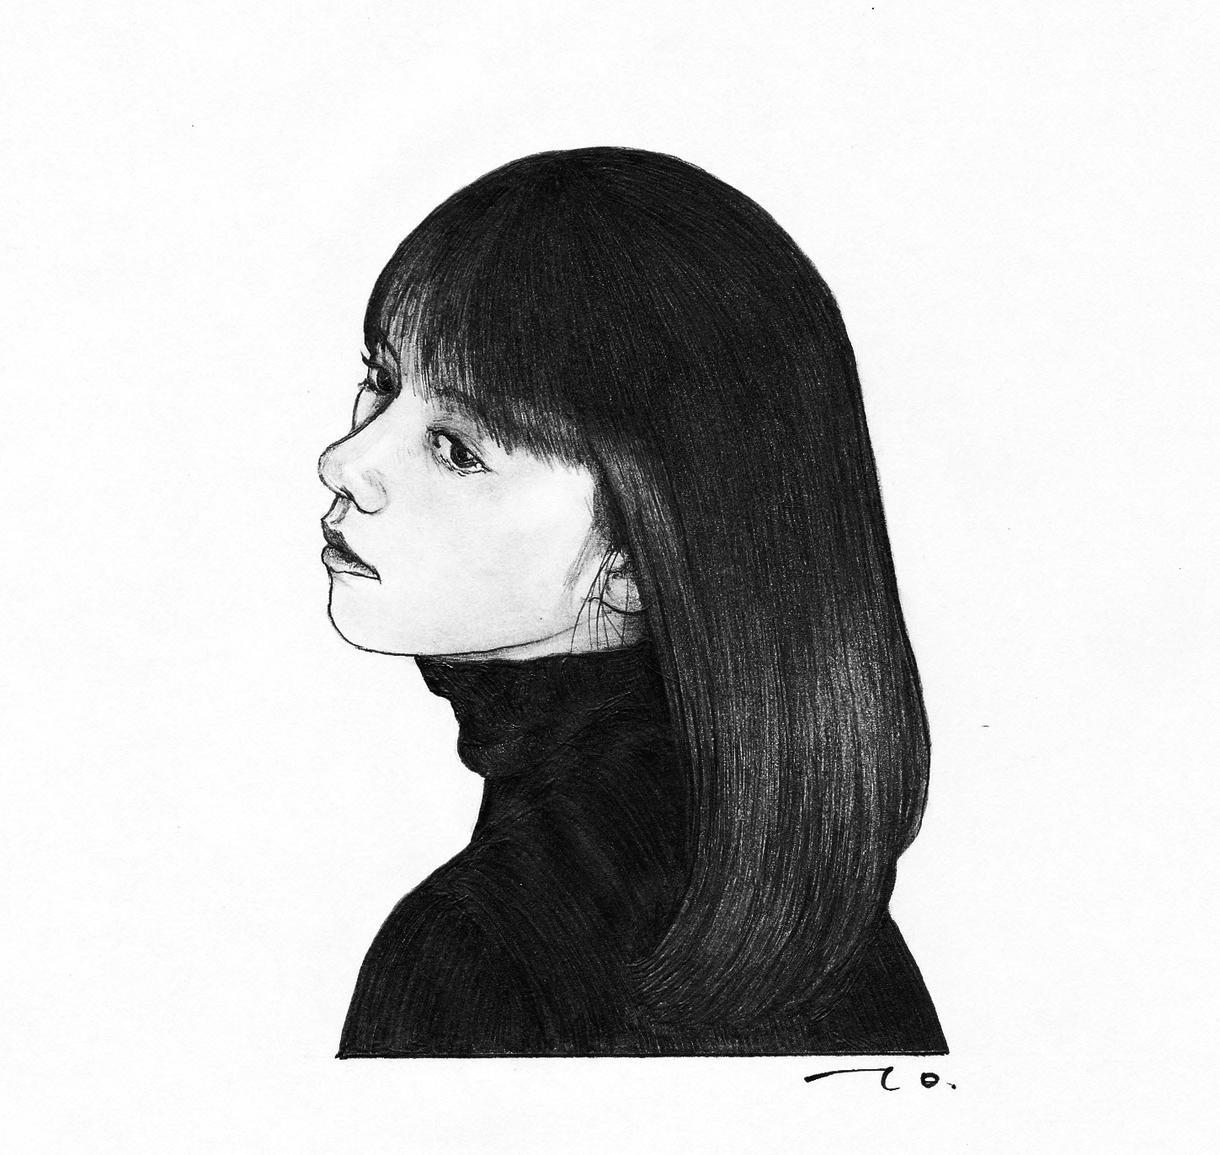 リアル鉛筆スケッチ画(似顔絵)をお描きします プロフィールアイコンやプレゼントに最適! イメージ1